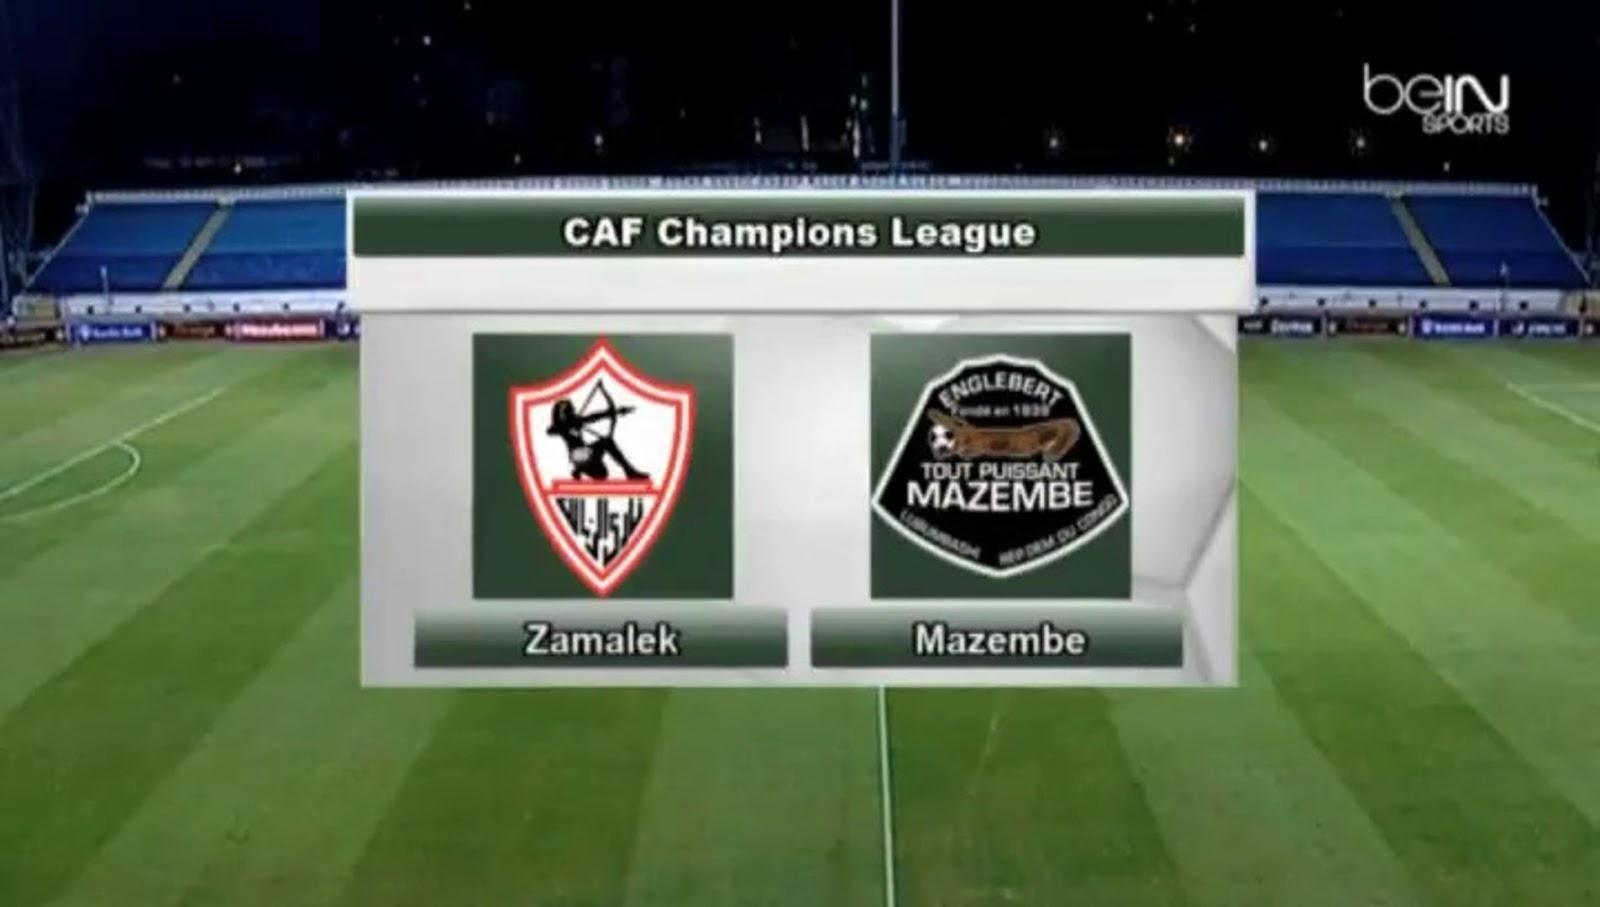 مشاهدة مباراة الزمالك ضد مازيمبي بث مباشر 30 11 2019 بدون